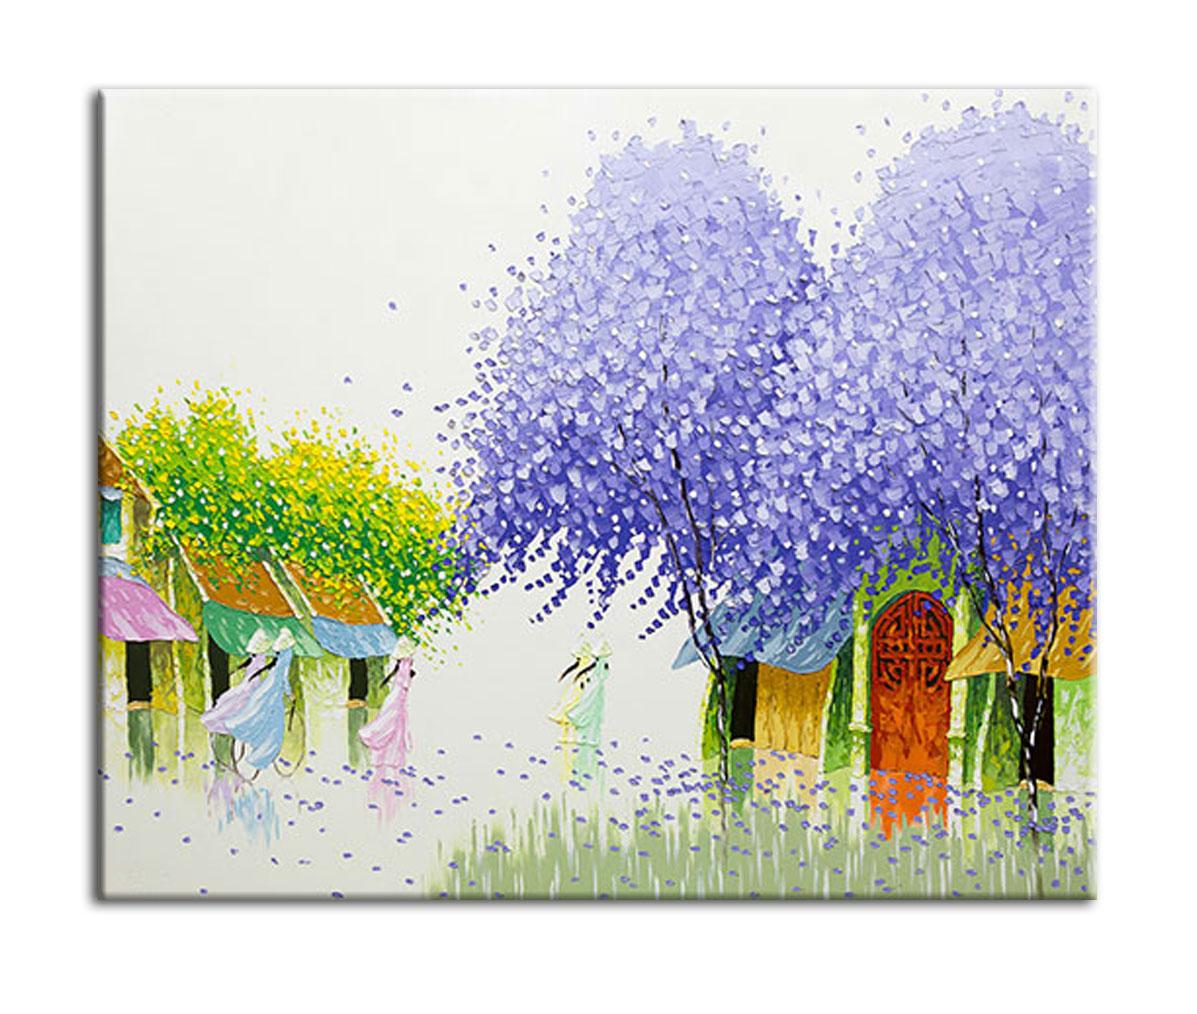 Картина Дыхание ветраКартины<br>Авторская копия картины вьетнамской художницы Phan Thu Trang в технике жекле&amp;lt;div&amp;gt;&amp;lt;br&amp;gt;&amp;lt;/div&amp;gt;&amp;lt;div&amp;gt;Материал: натуральный холст, деревянный подрамник, лак,итальянский фактурный гель&amp;lt;br&amp;gt;&amp;lt;/div&amp;gt;<br><br>Material: Холст<br>Width см: 60<br>Depth см: 3<br>Height см: 50